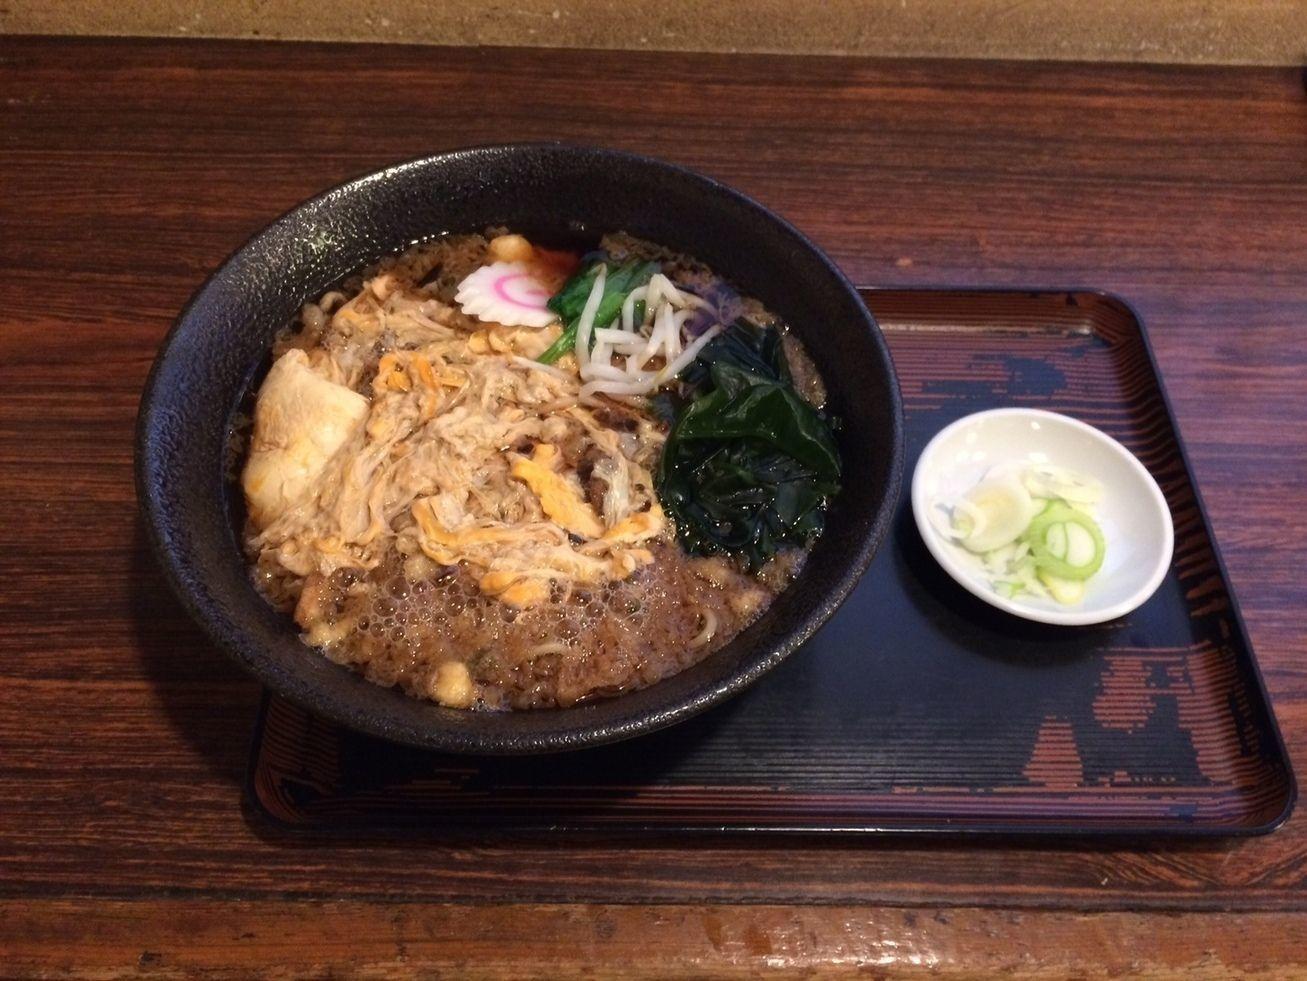 西新宿で香り漂う本格派そばを食べよう!通が通う人気店6選をご紹介の画像